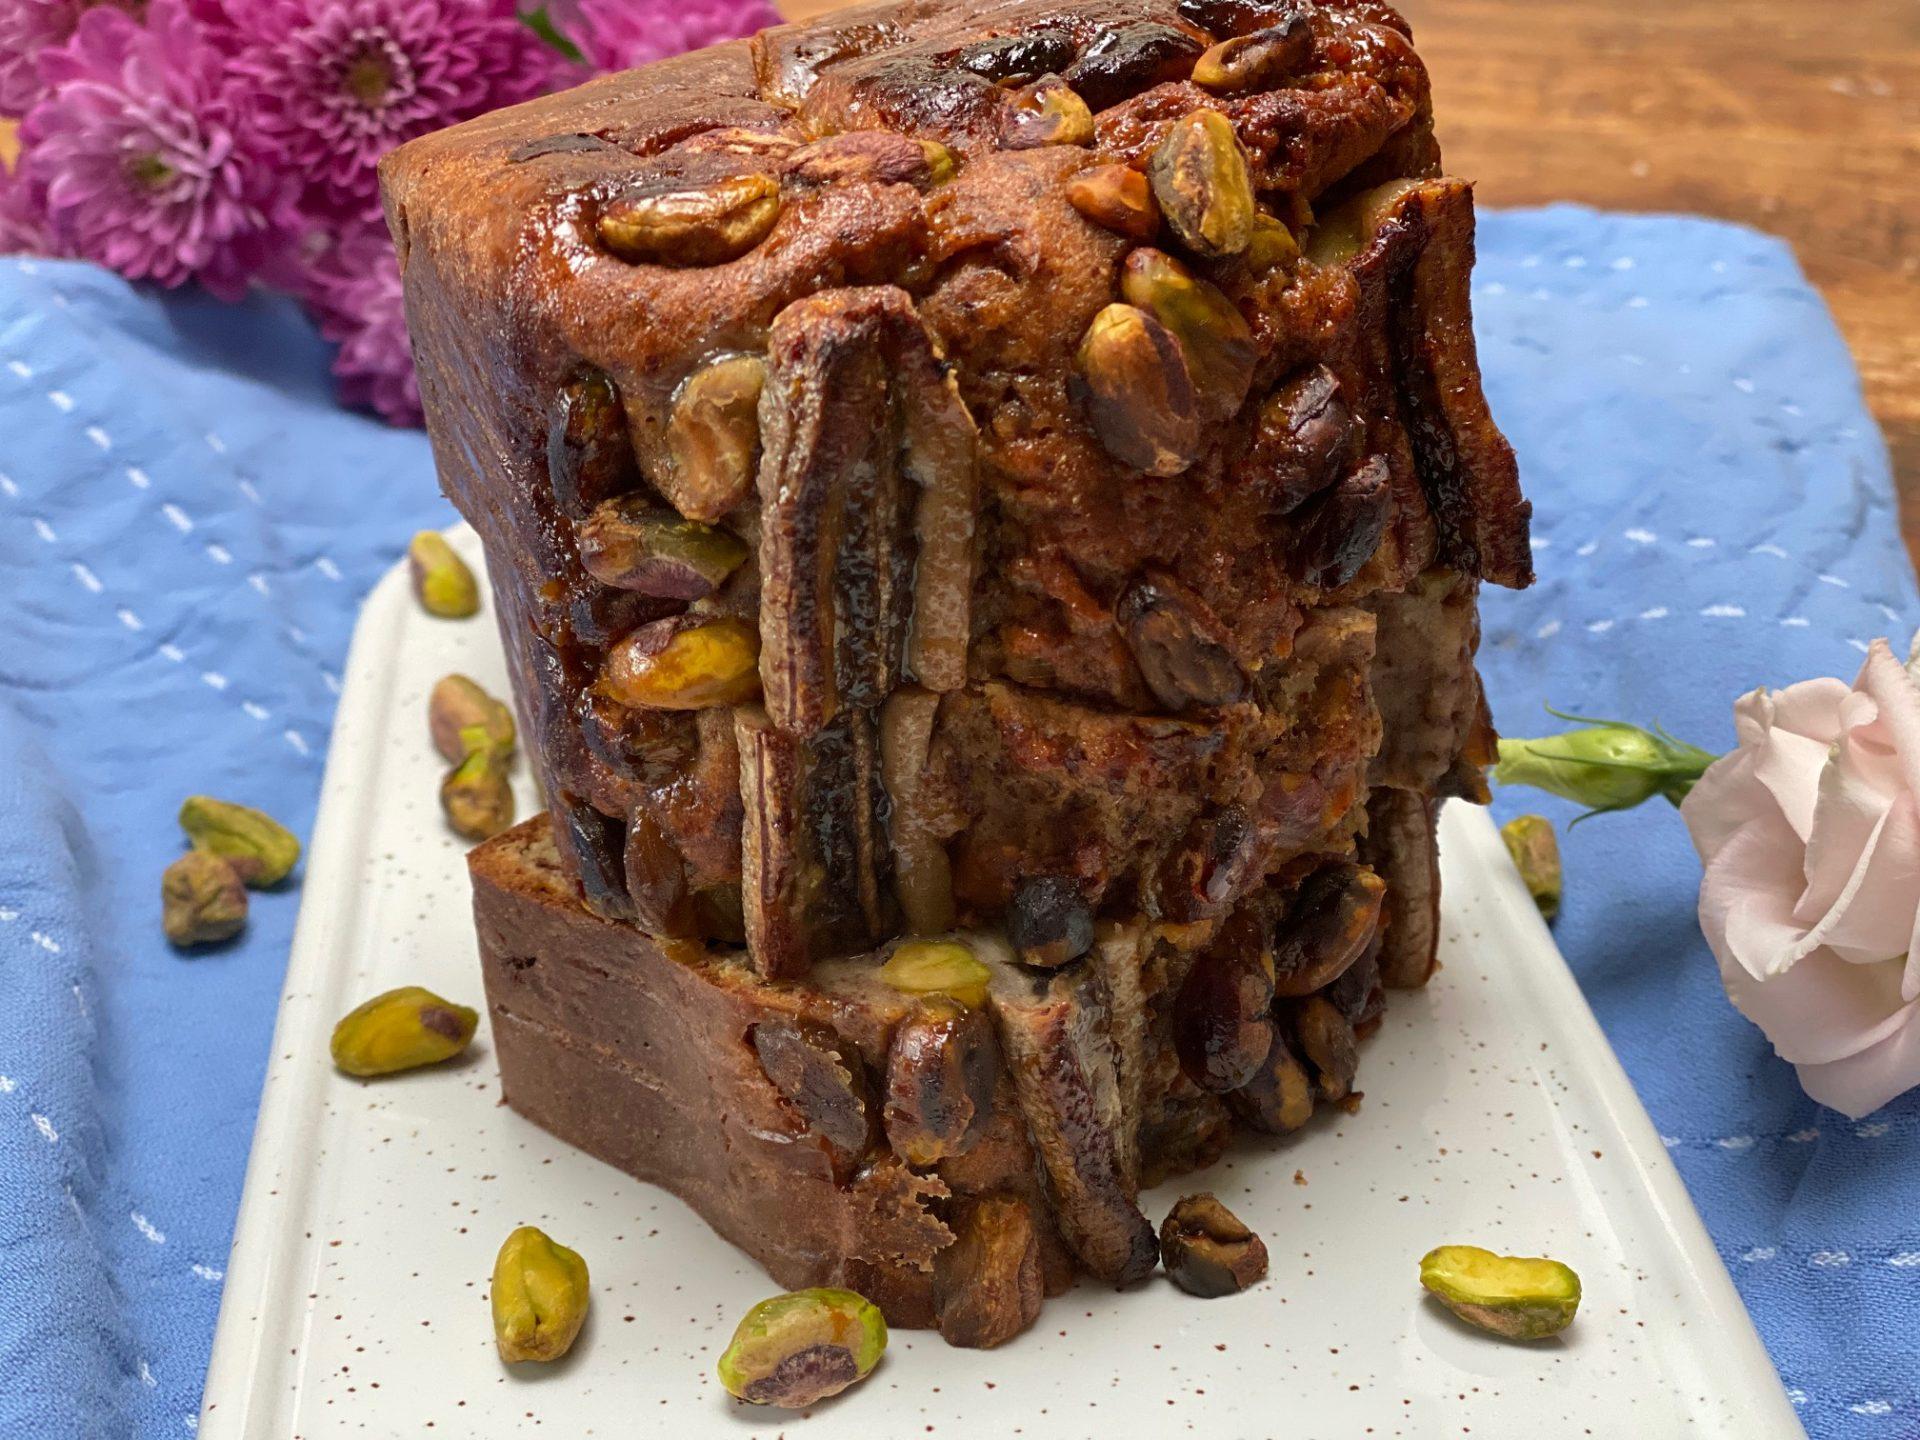 Bananenbrood recept met chocolade en pistachenootjes - Foodblog Foodinista